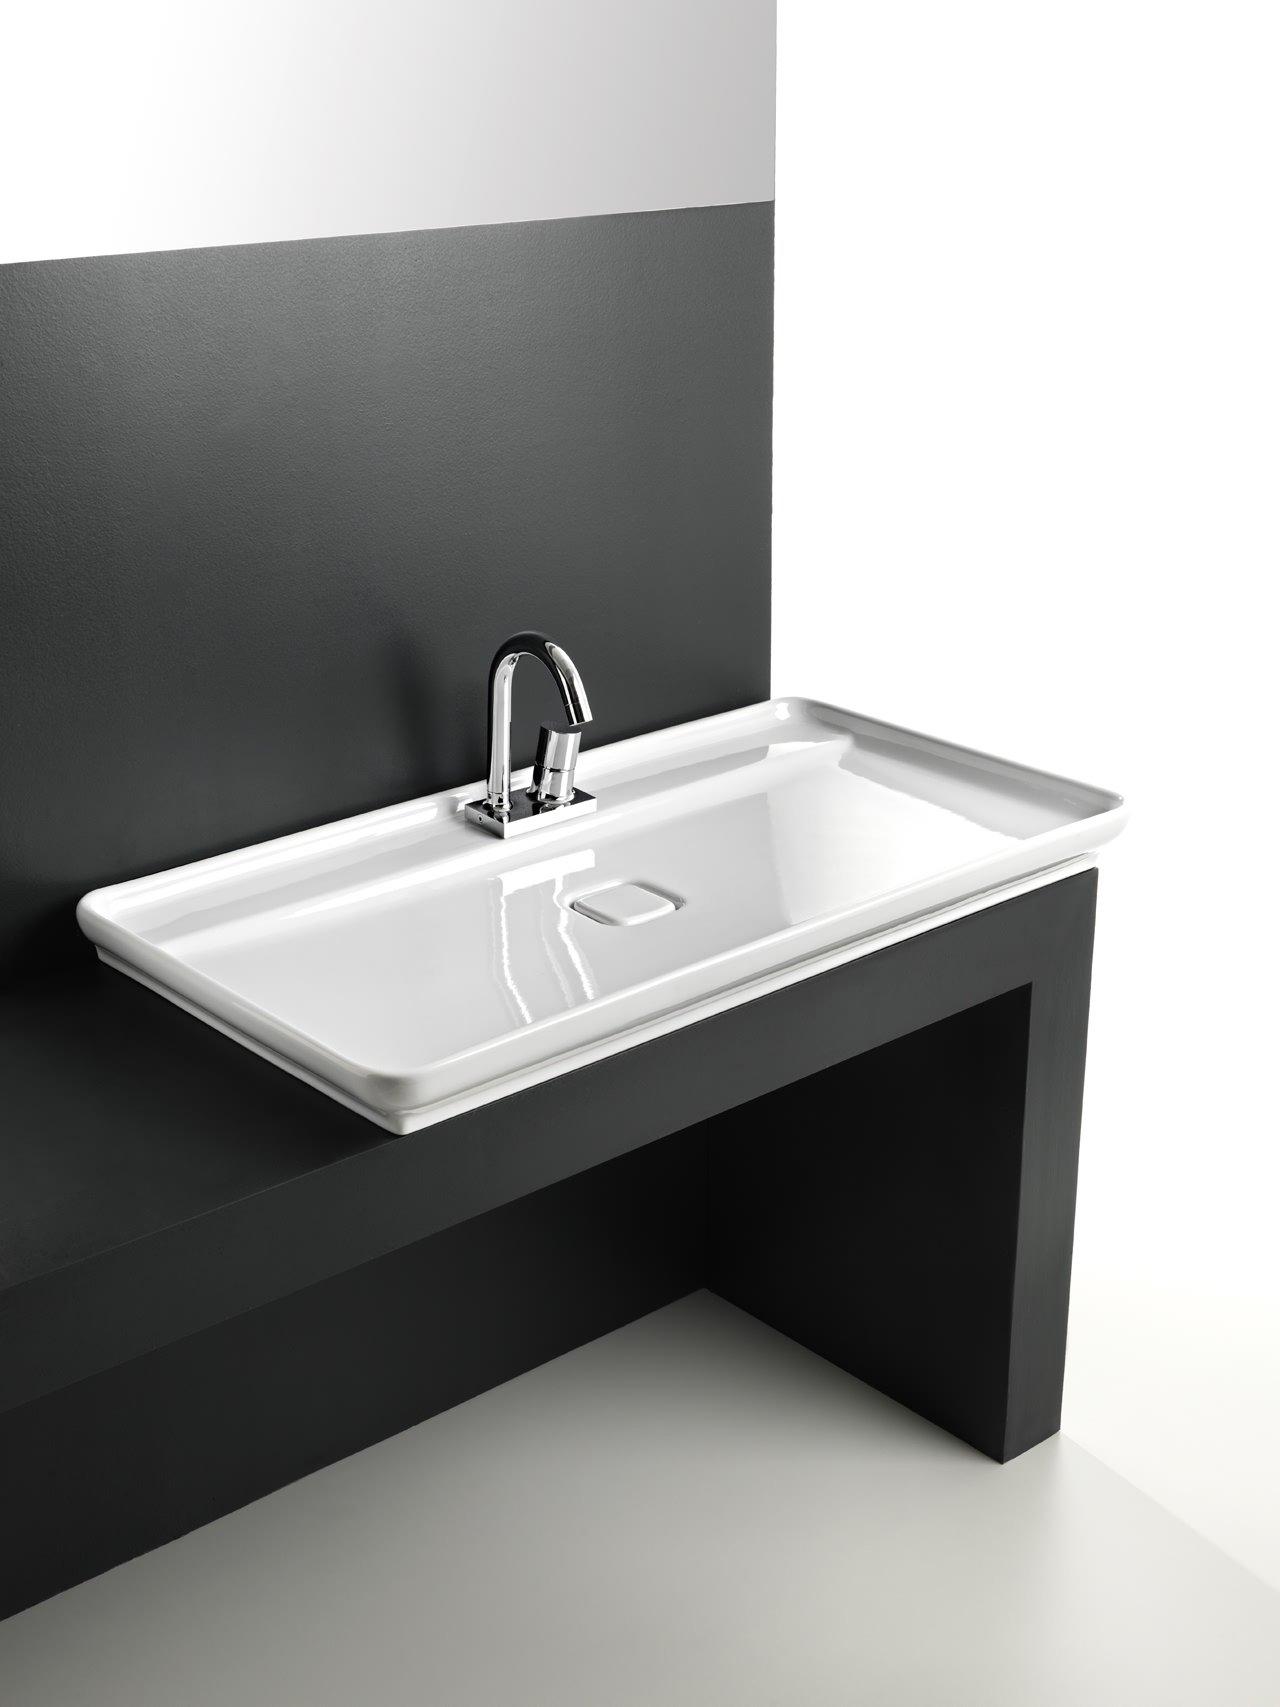 Vasque de salle de bain tendance - Vasque de salle de bain ...